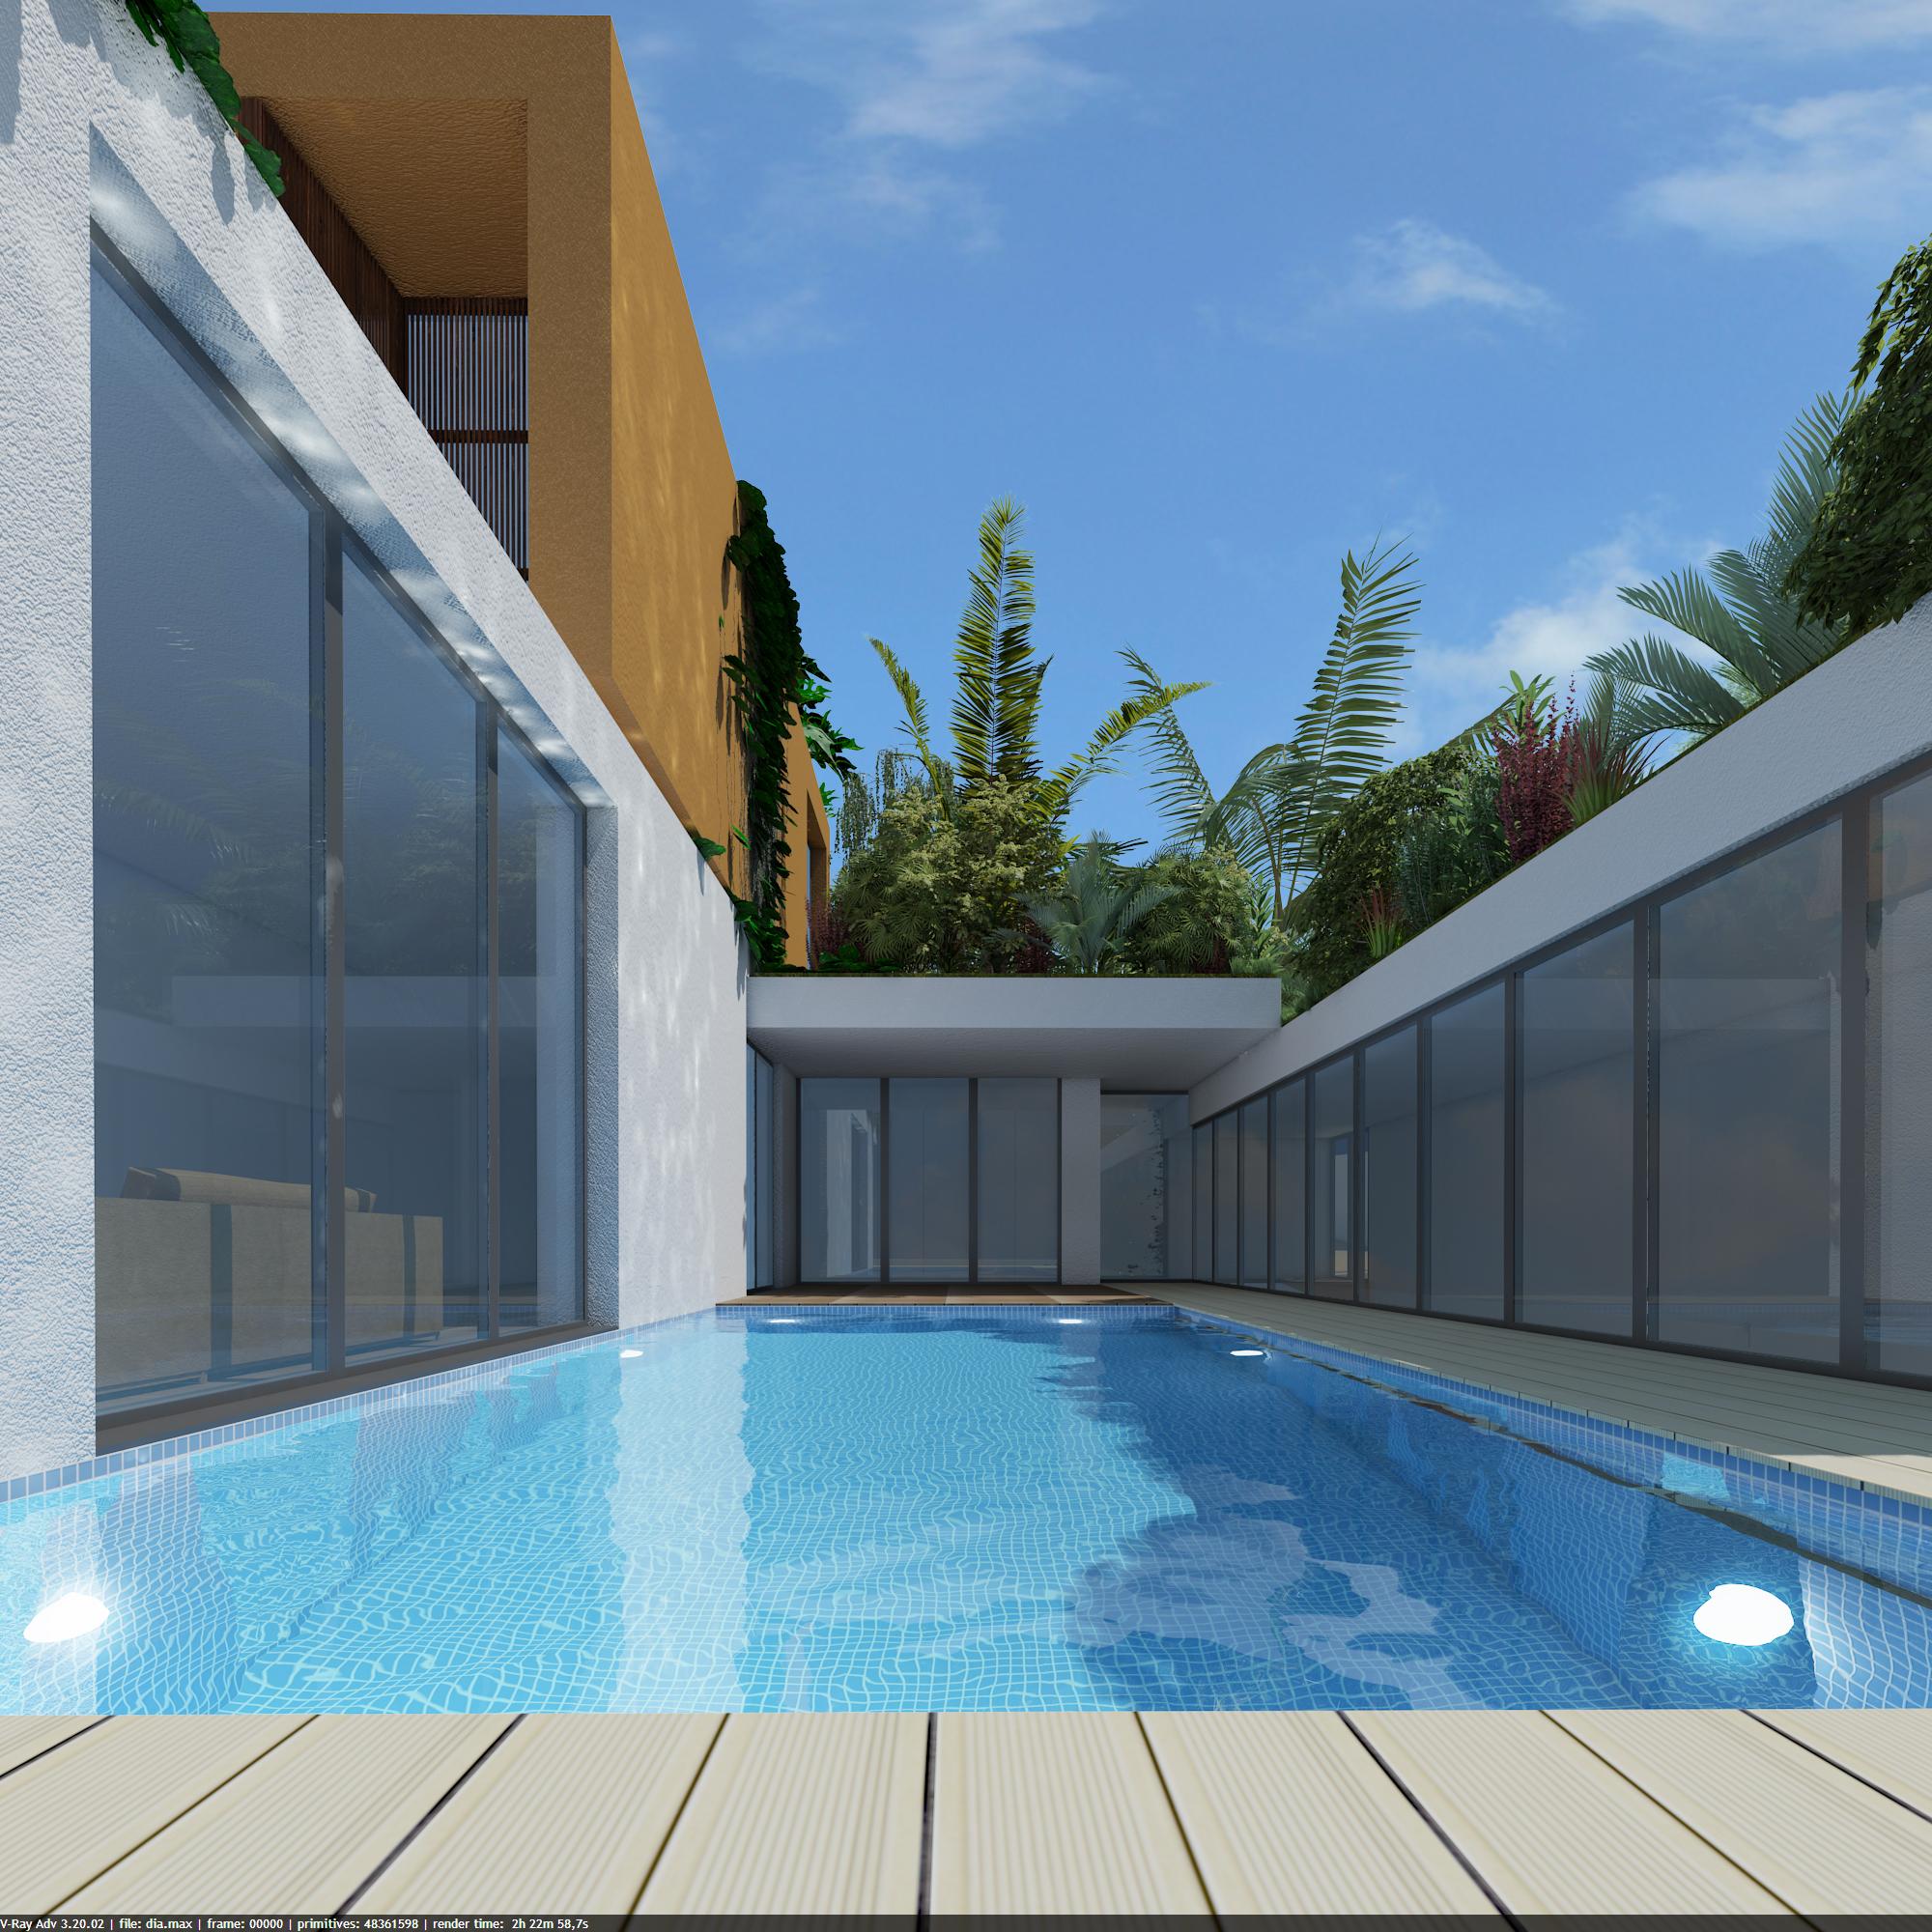 Pormenor da zona envolvente da piscina